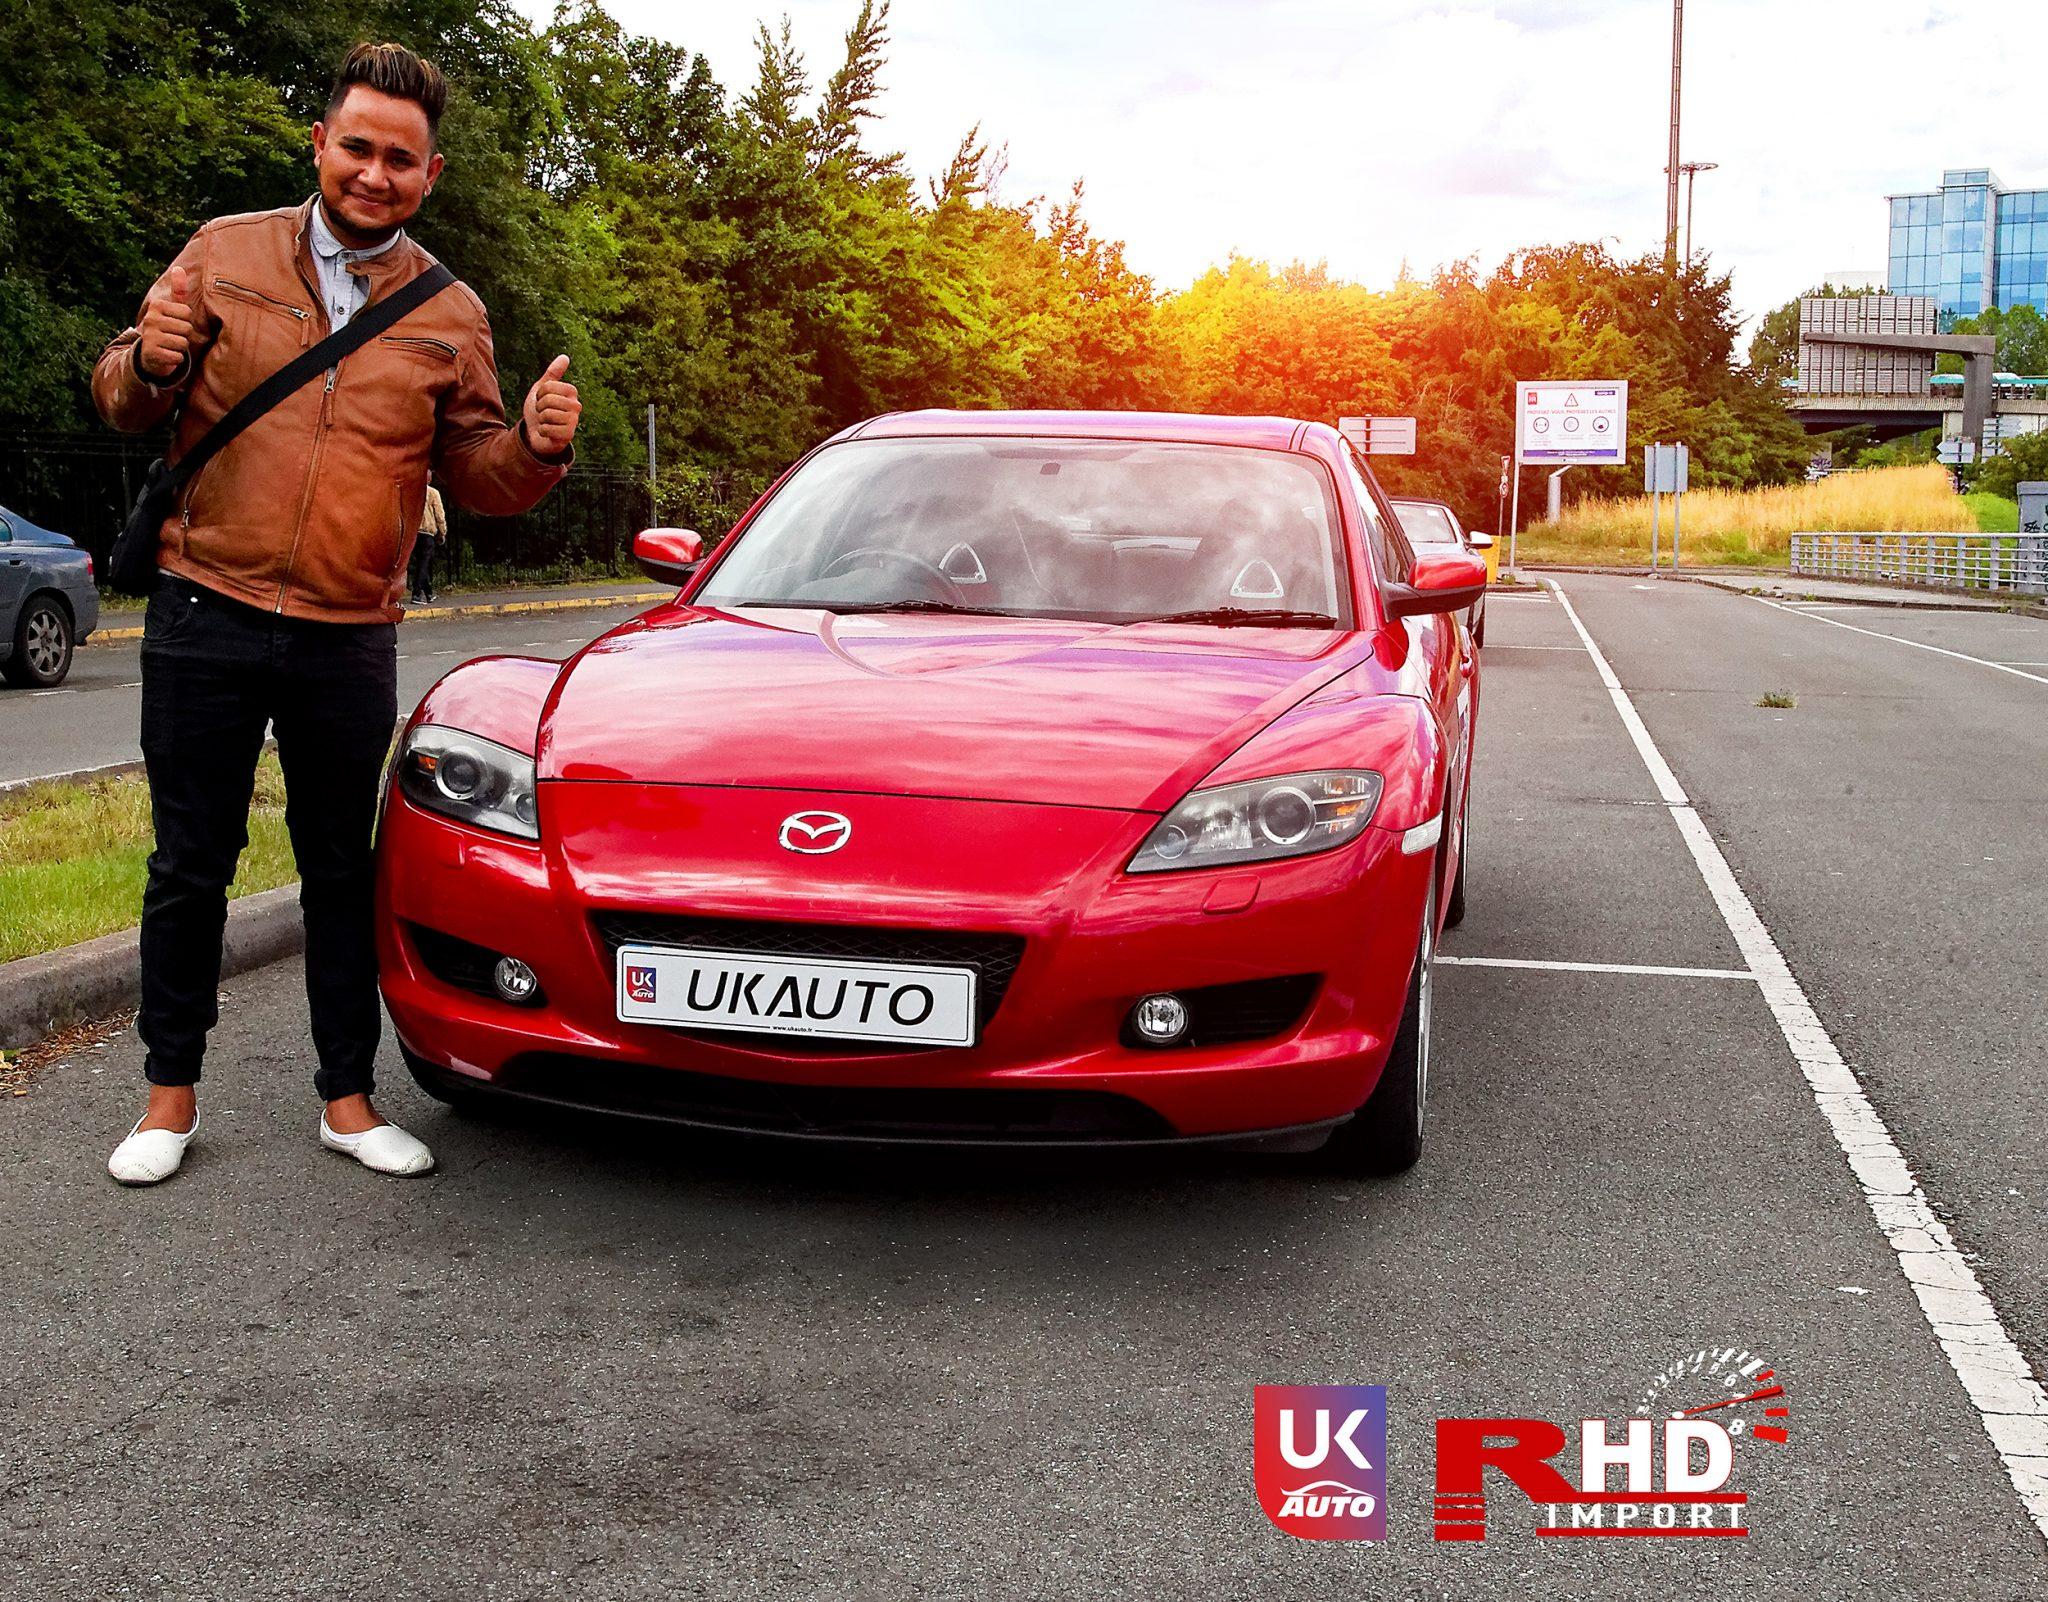 ukauto import uk angleterre mazda rx8 import voiture anglaise auto uk13 - Felecitation a Jeremie pour cette Mazda RX8 RHD import voiture anglaise N1 UK